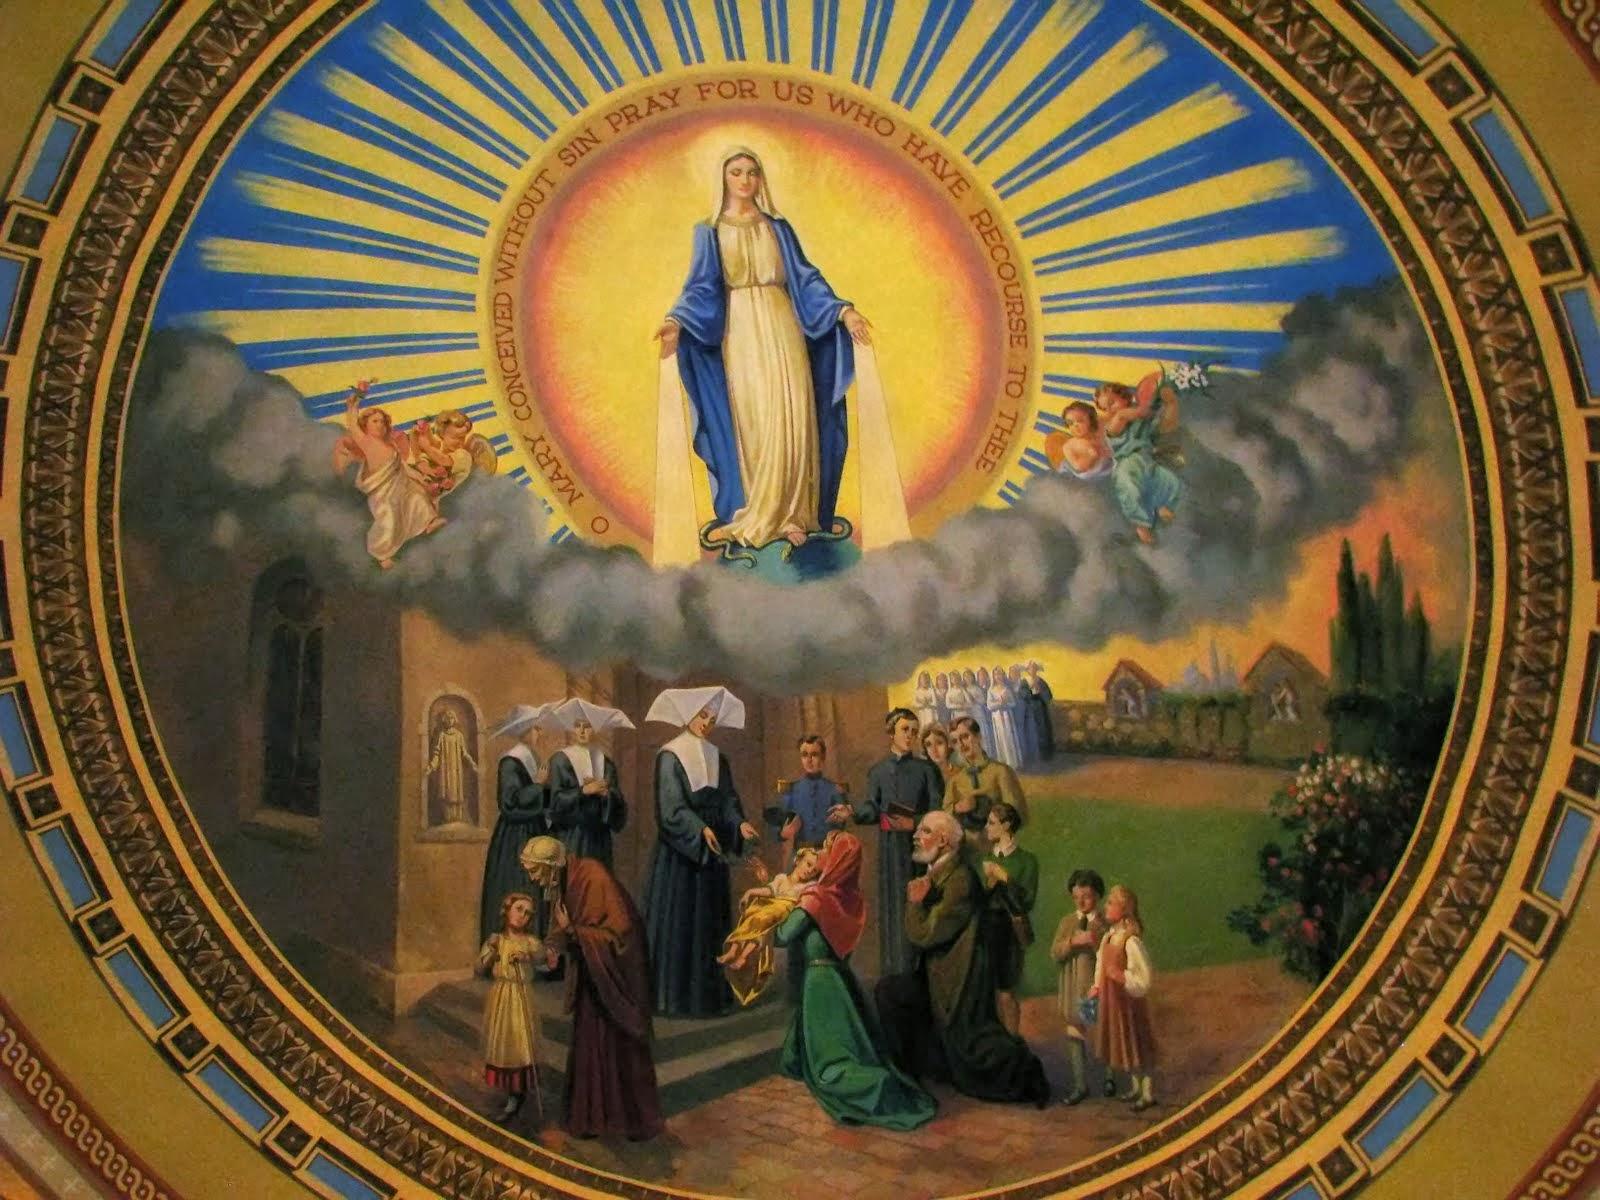 ¿Por qué el Sábado es el día Dedicado a la Virgen María?